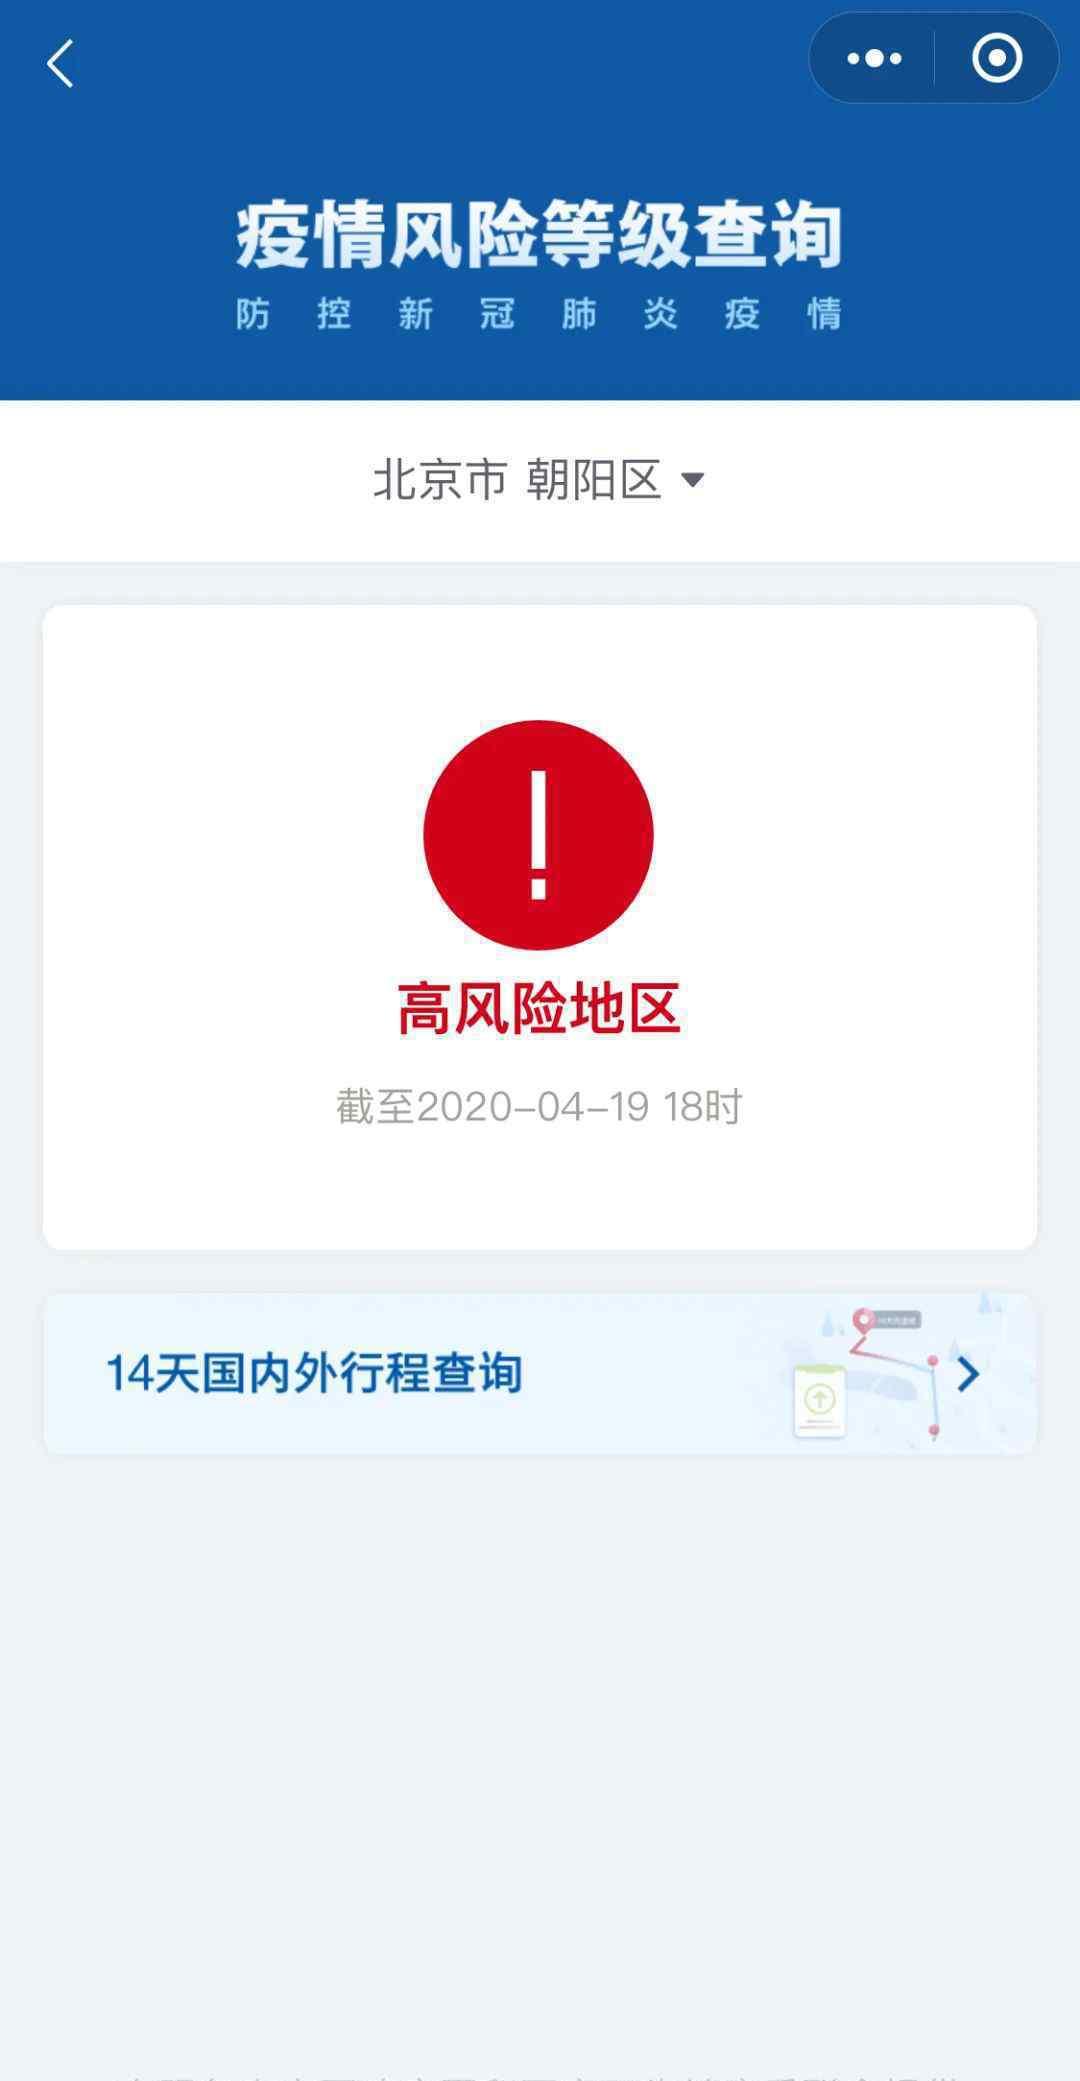 北京回应朝阳区成疫情高风险地区 事情经过真相揭秘!